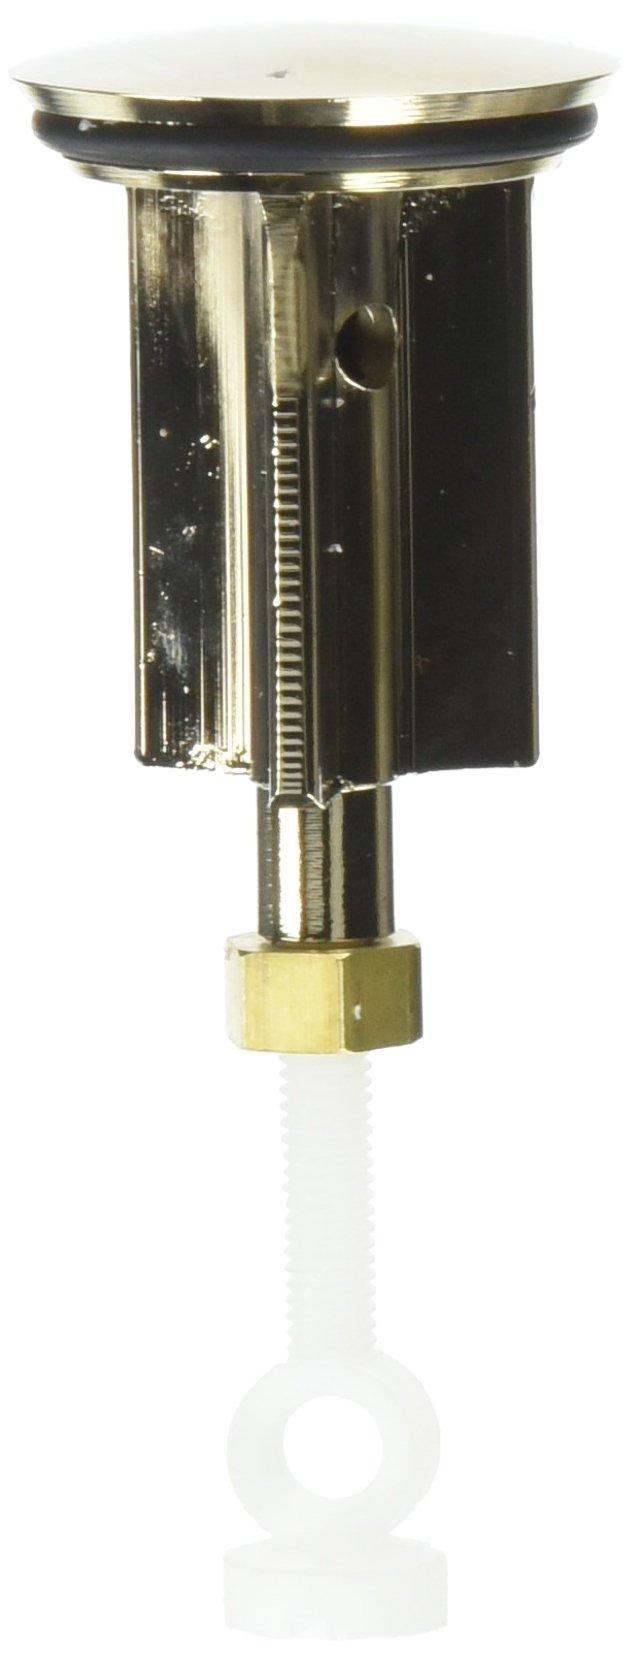 KOHLER K-78172-AF Stopper Assembly, Vibrant French Gold